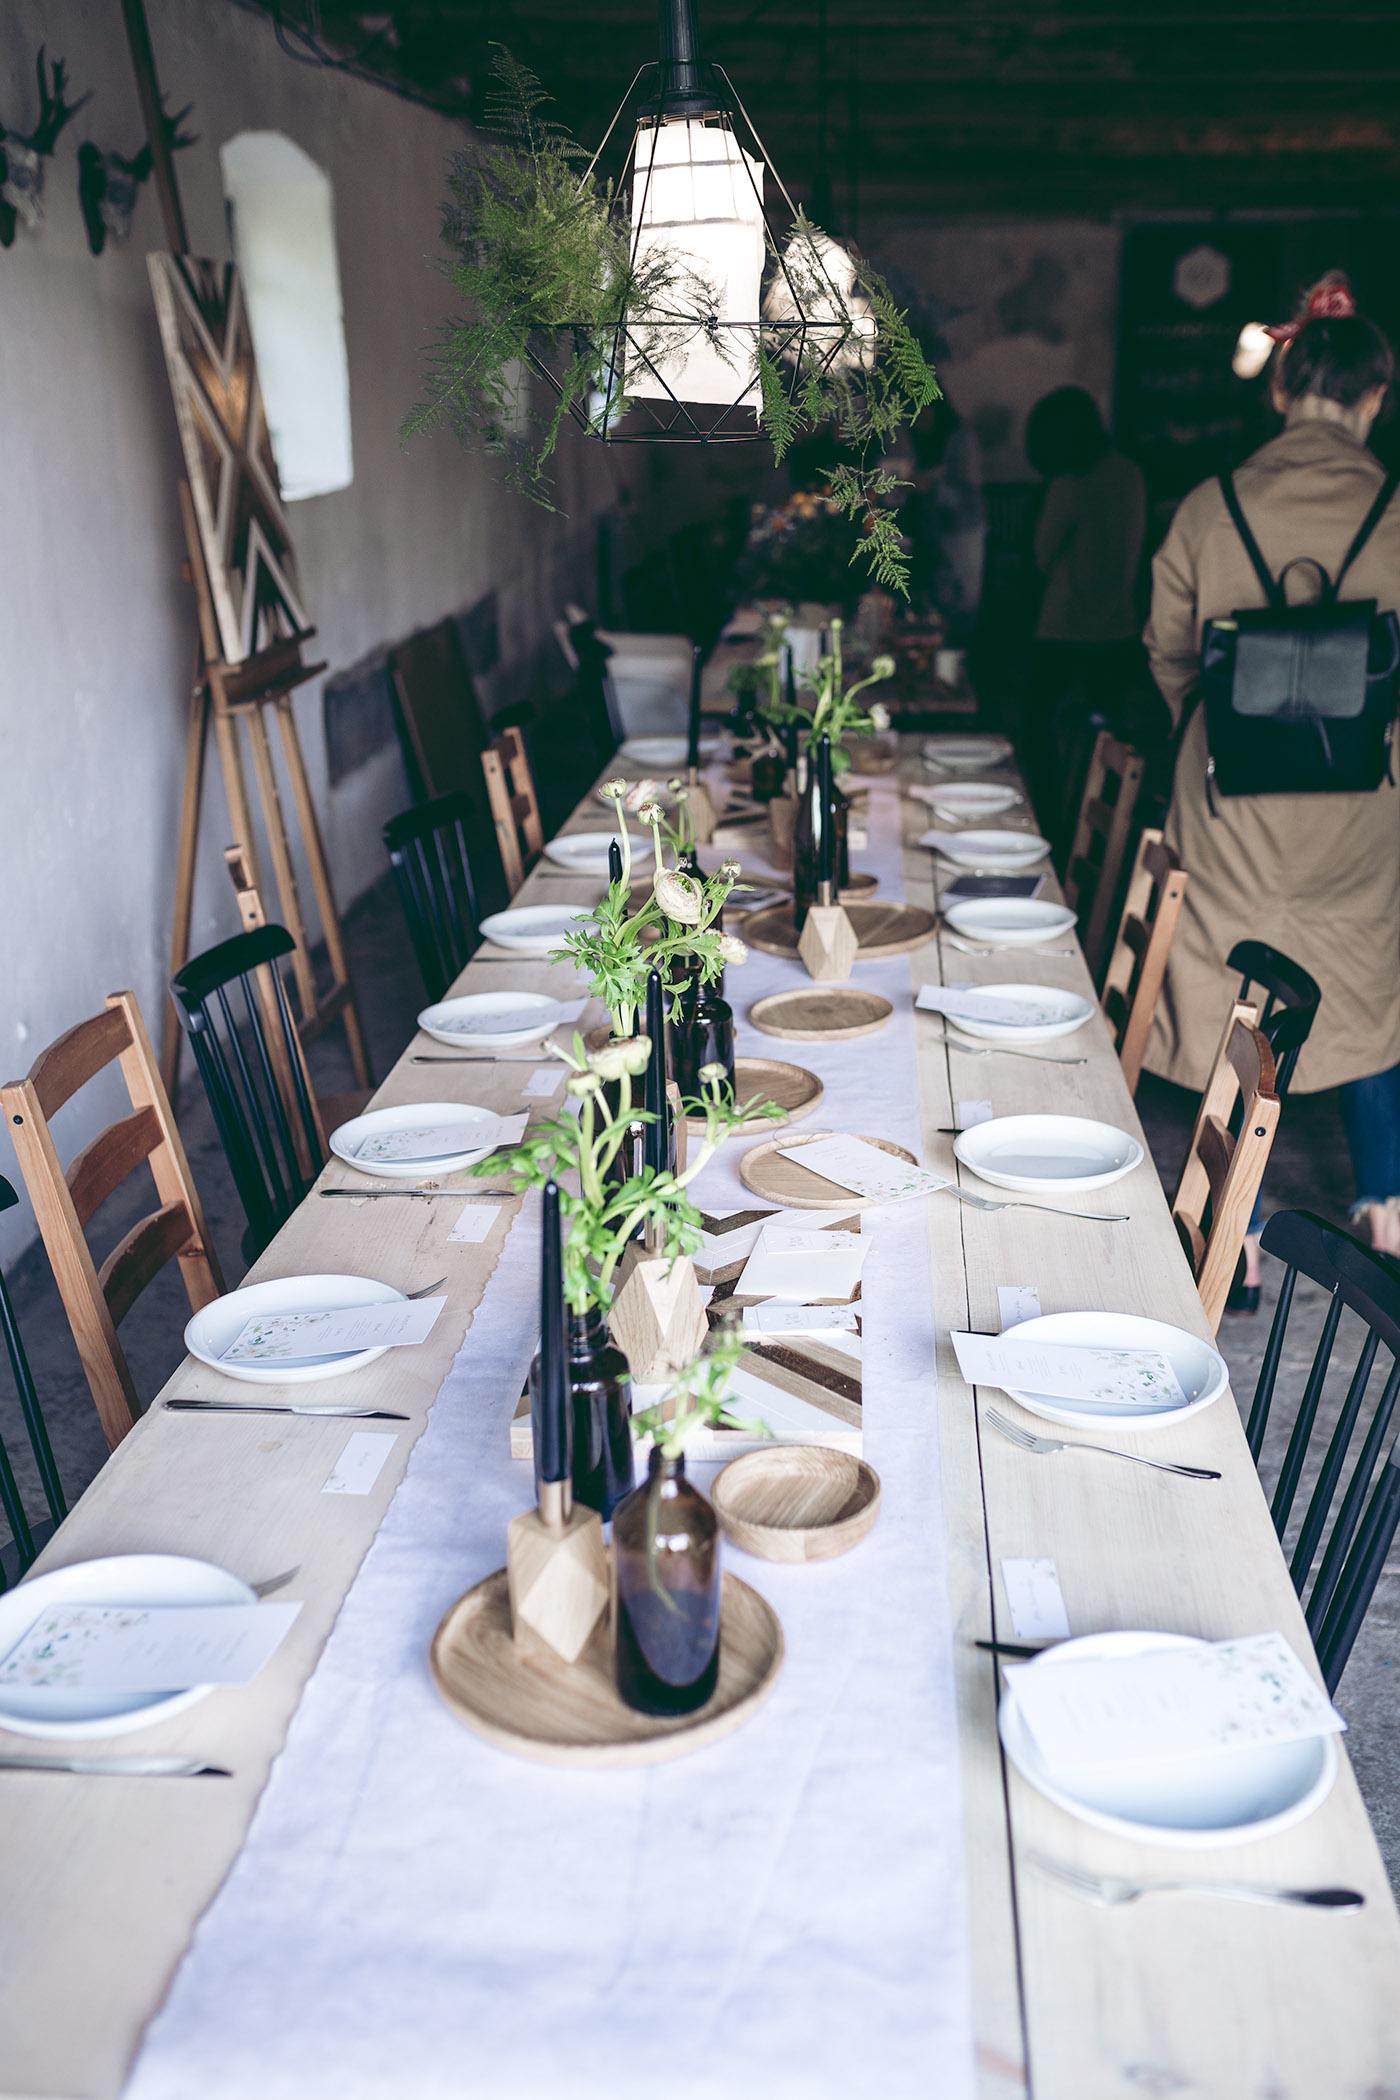 Slow wedding day, kotulińskiego 6, wesele w klimacie boho